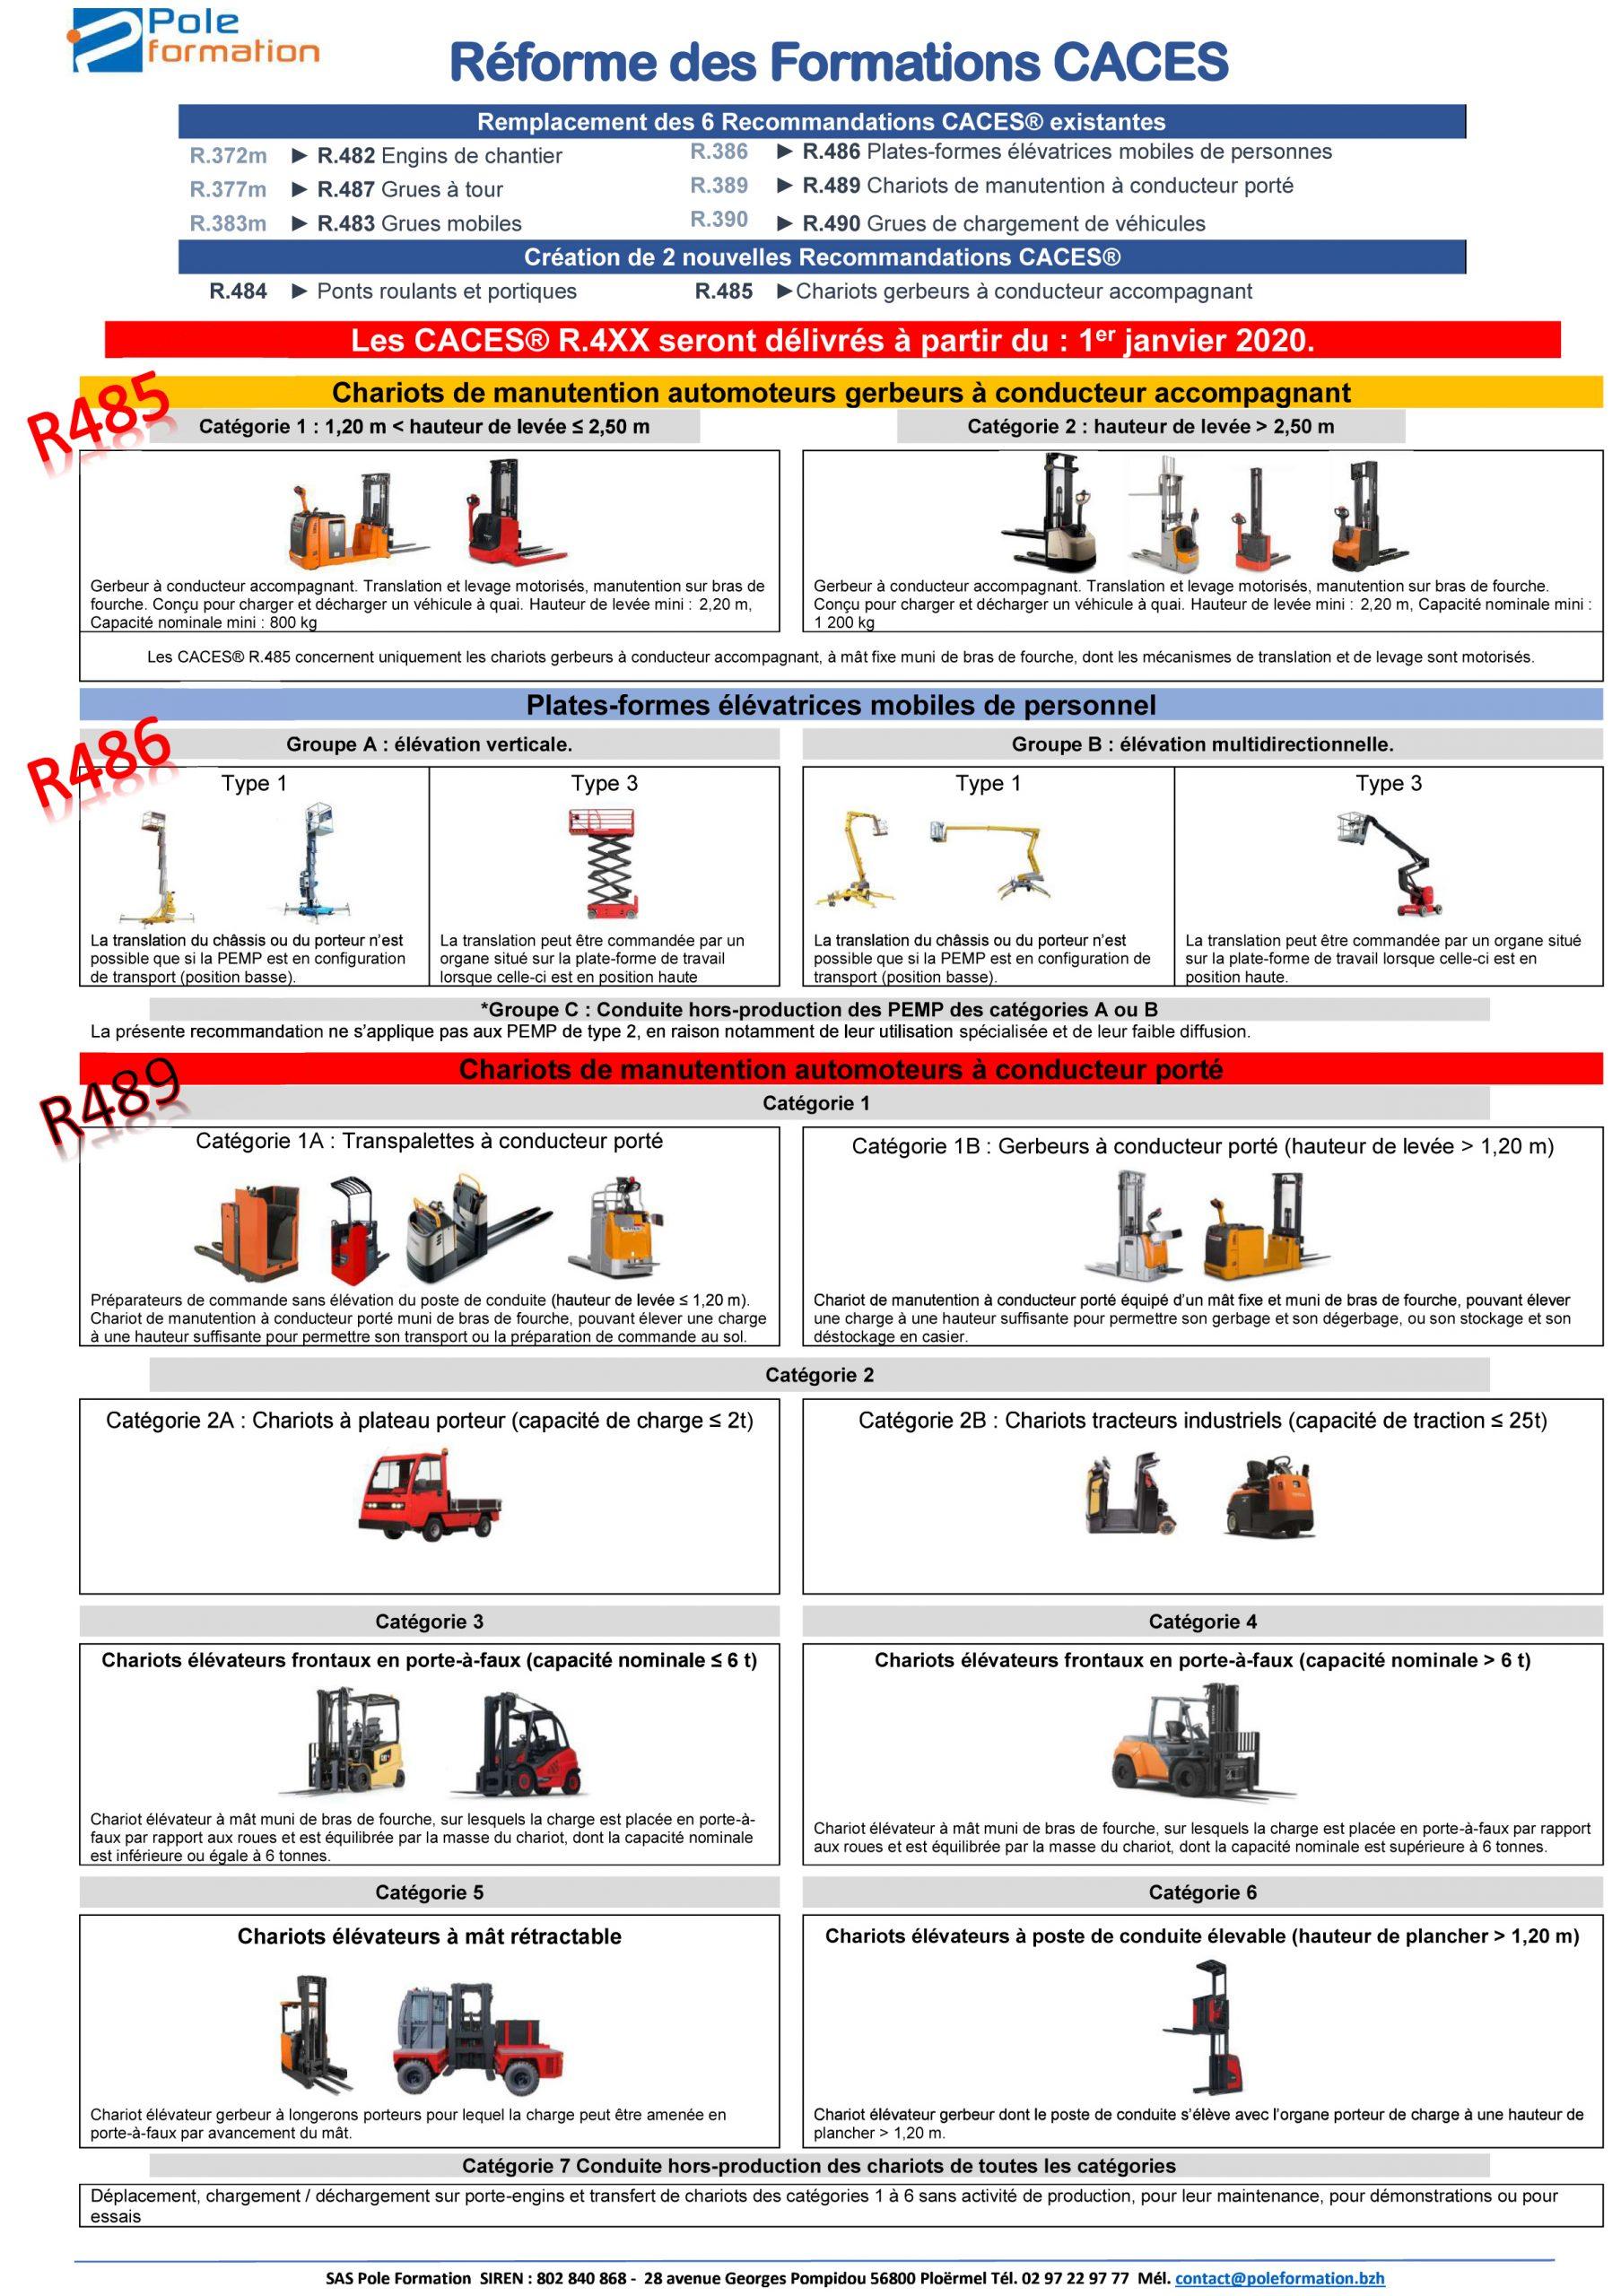 Affiche CACES R485-R486-R489.pdf